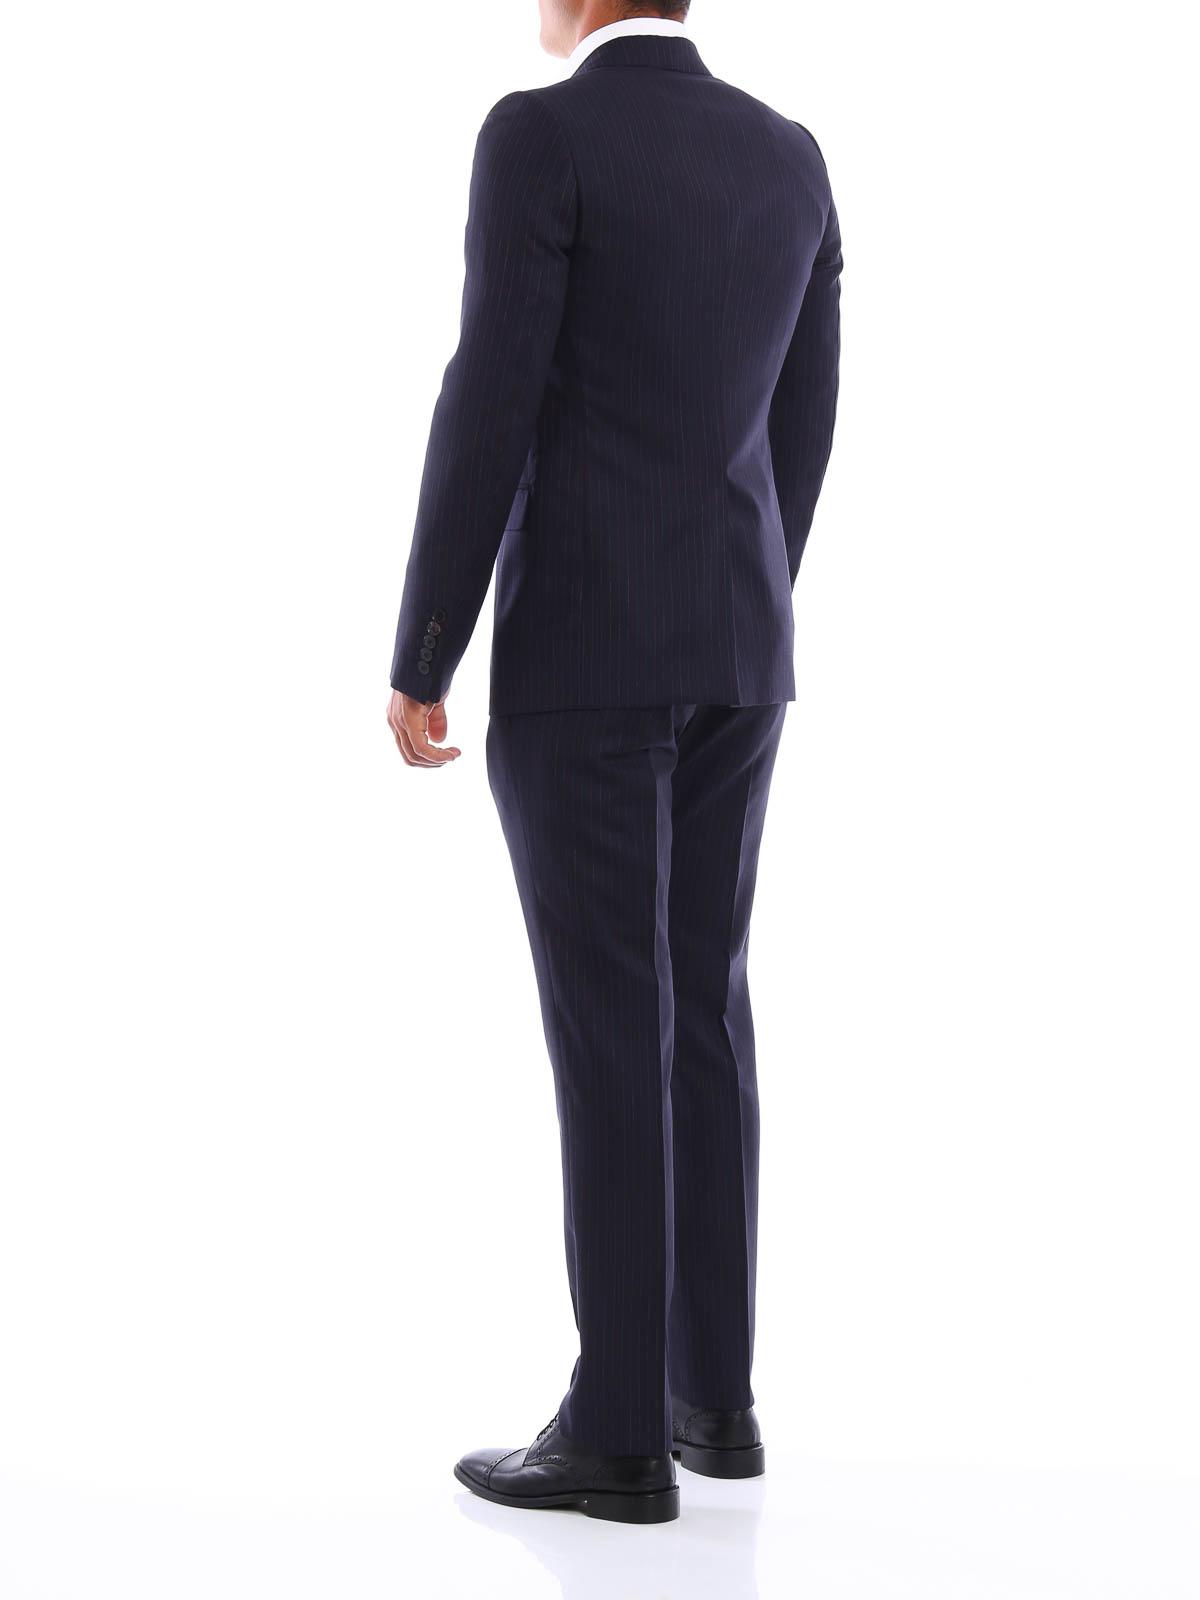 c61107e4e2 Gucci - Iconic Monaco suit - formal suits - 429321Z588B 4314